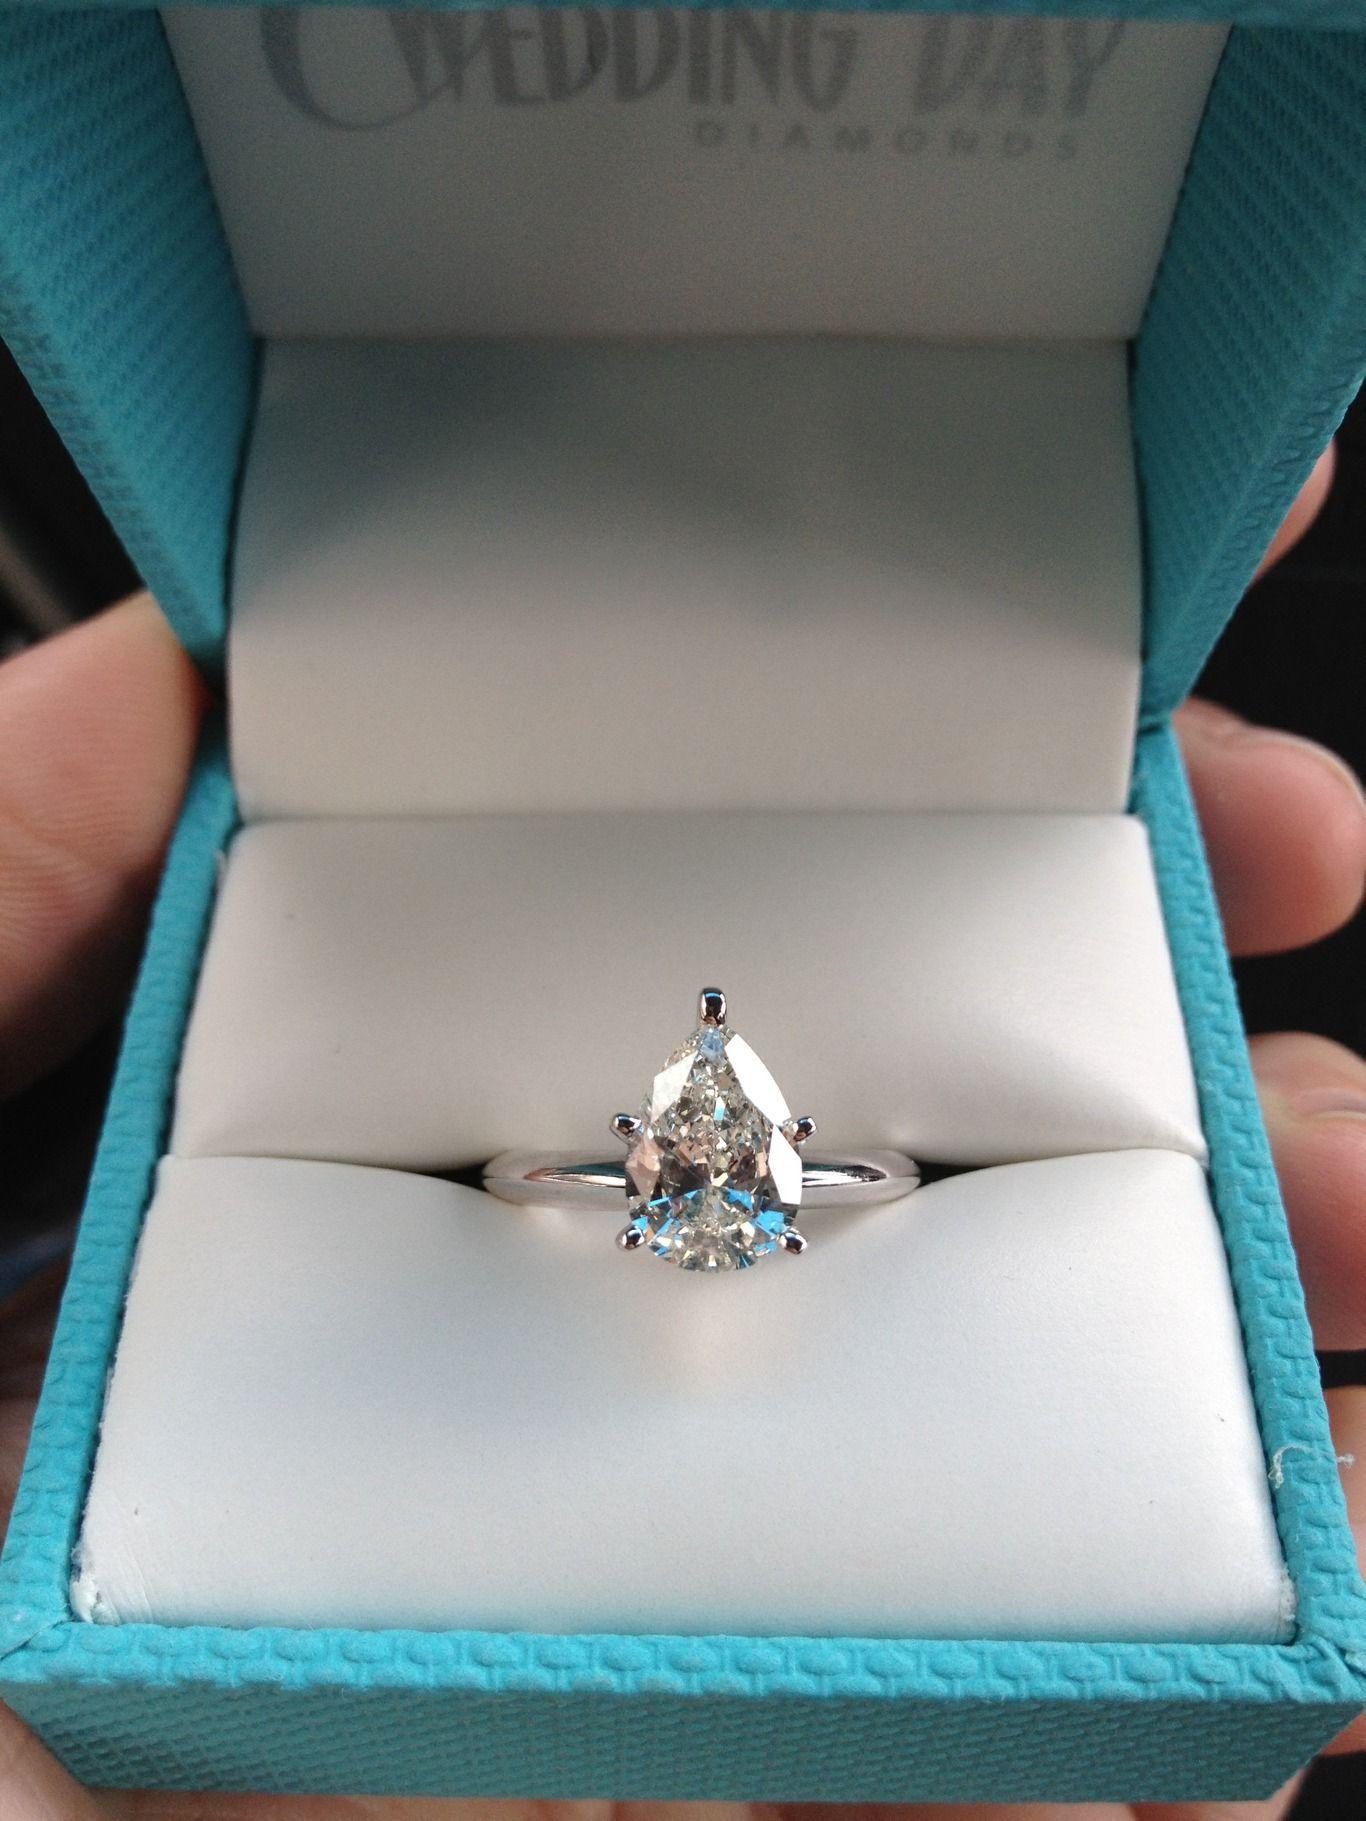 1 Carat E SI2 Pear Shape Natural Diamond Engagement Ring 14K White